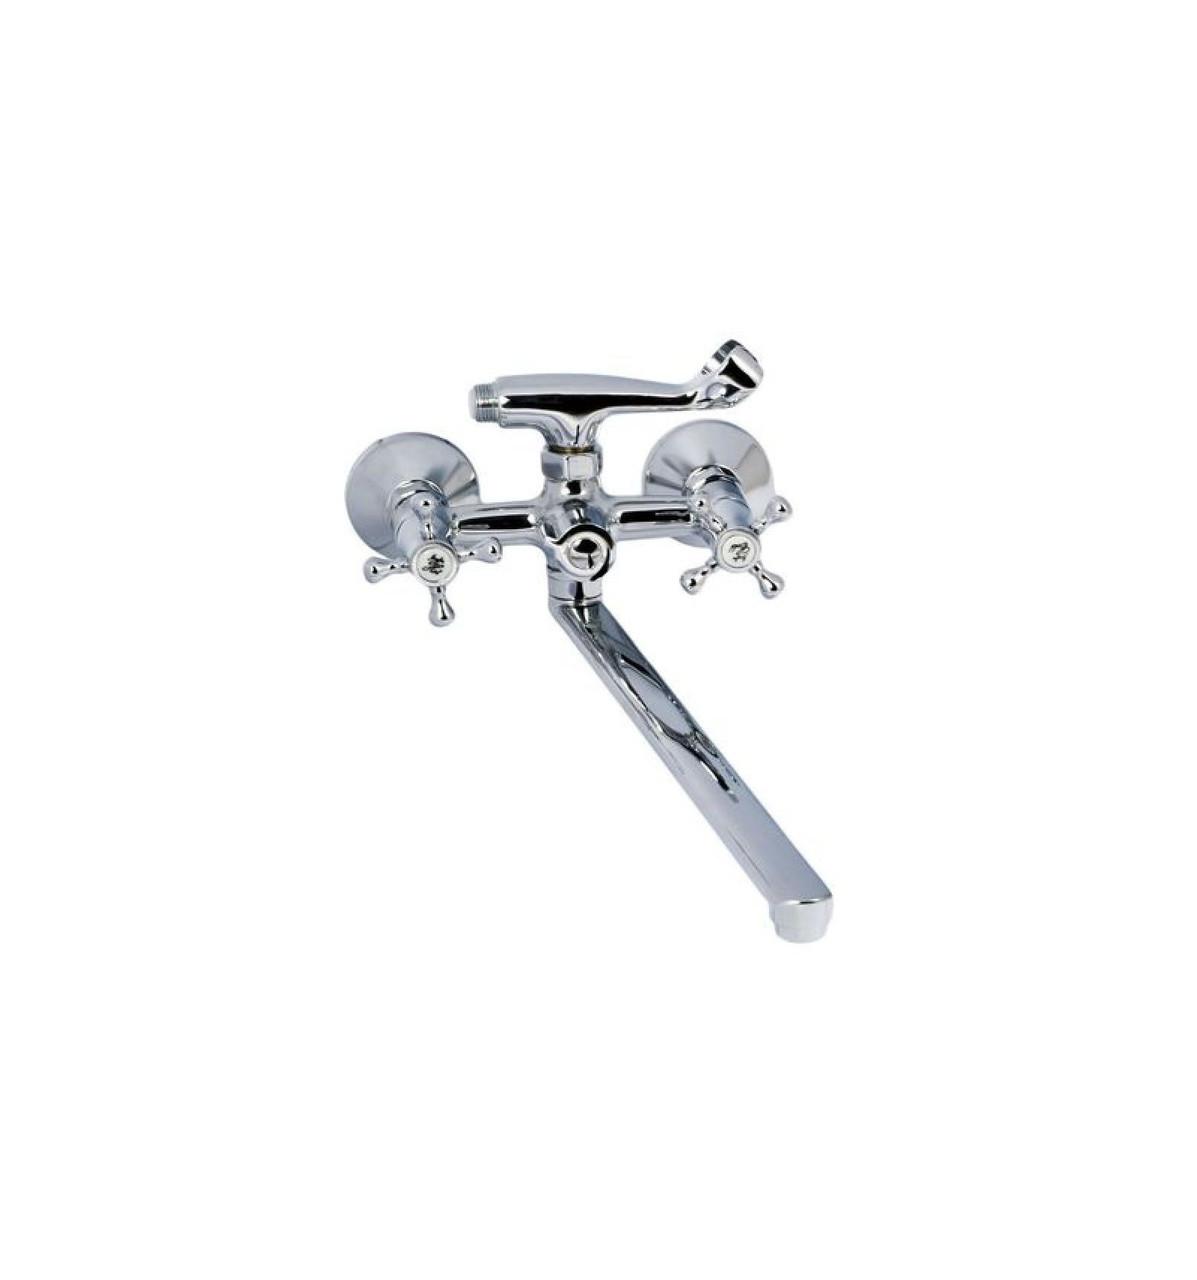 Змішувач для ванни 140 Mayfair резина